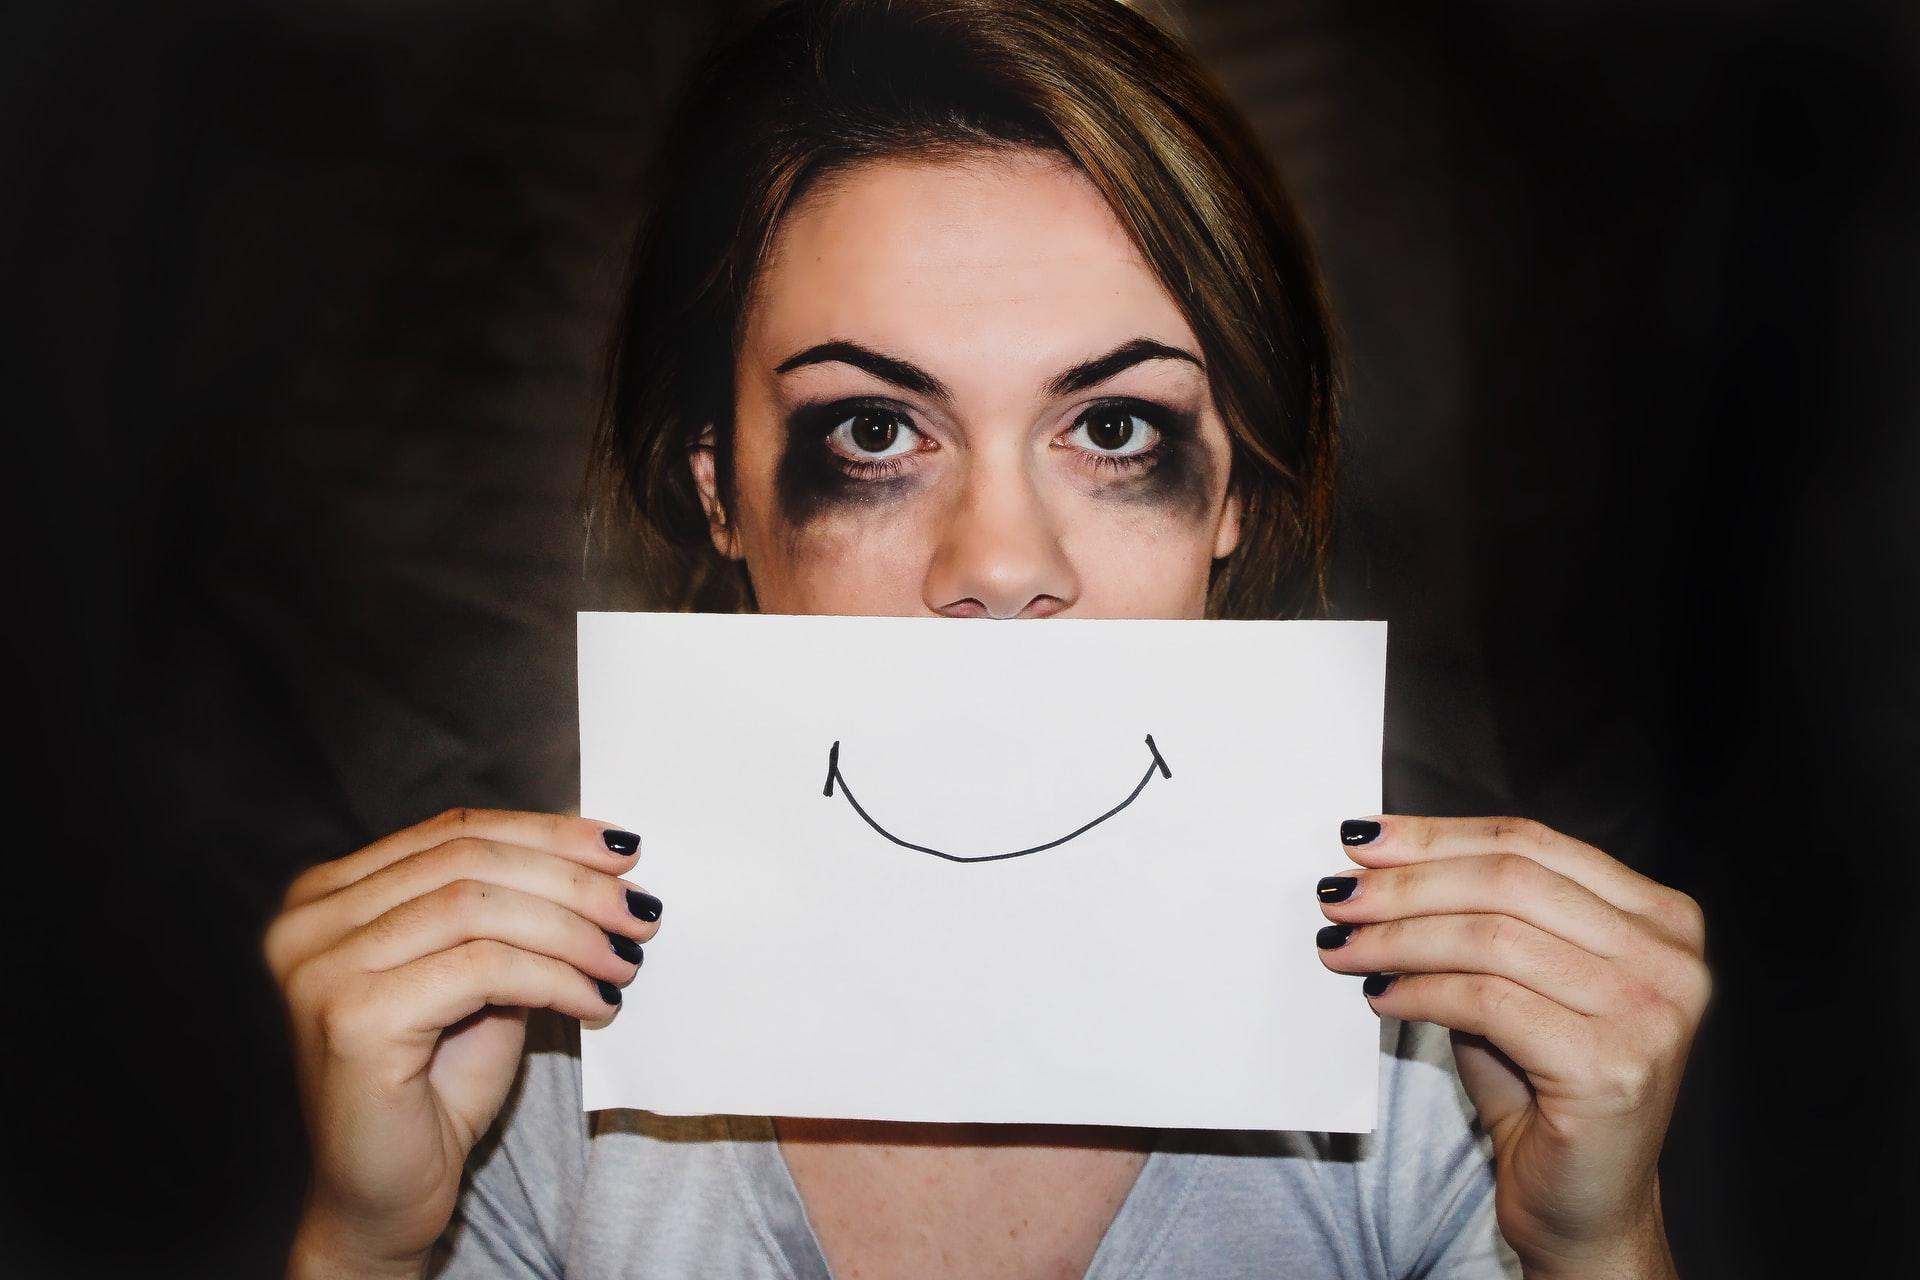 Me fallaste, cómo afrontar la decepción, cómo superar la decepcion,como superar la decepción, cómo superar la decepción